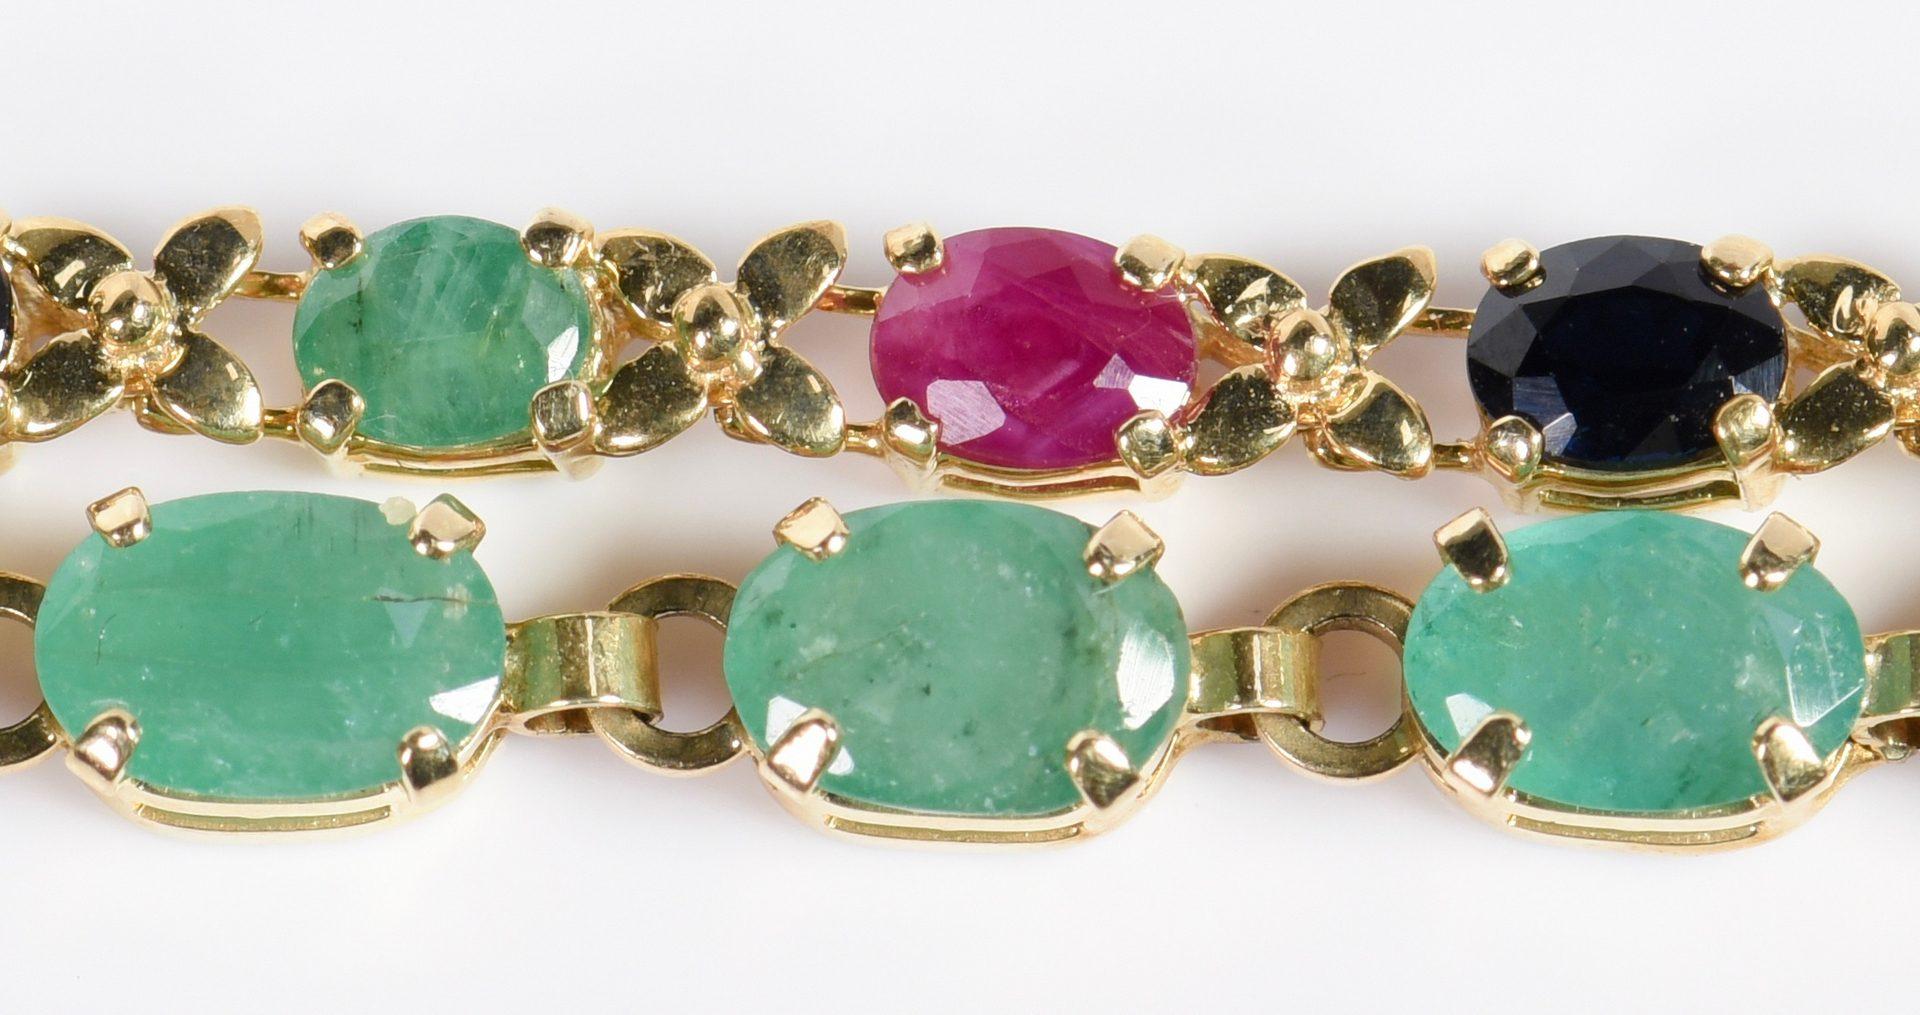 Lot 22: 3 14K Precious Stone Jewelry items